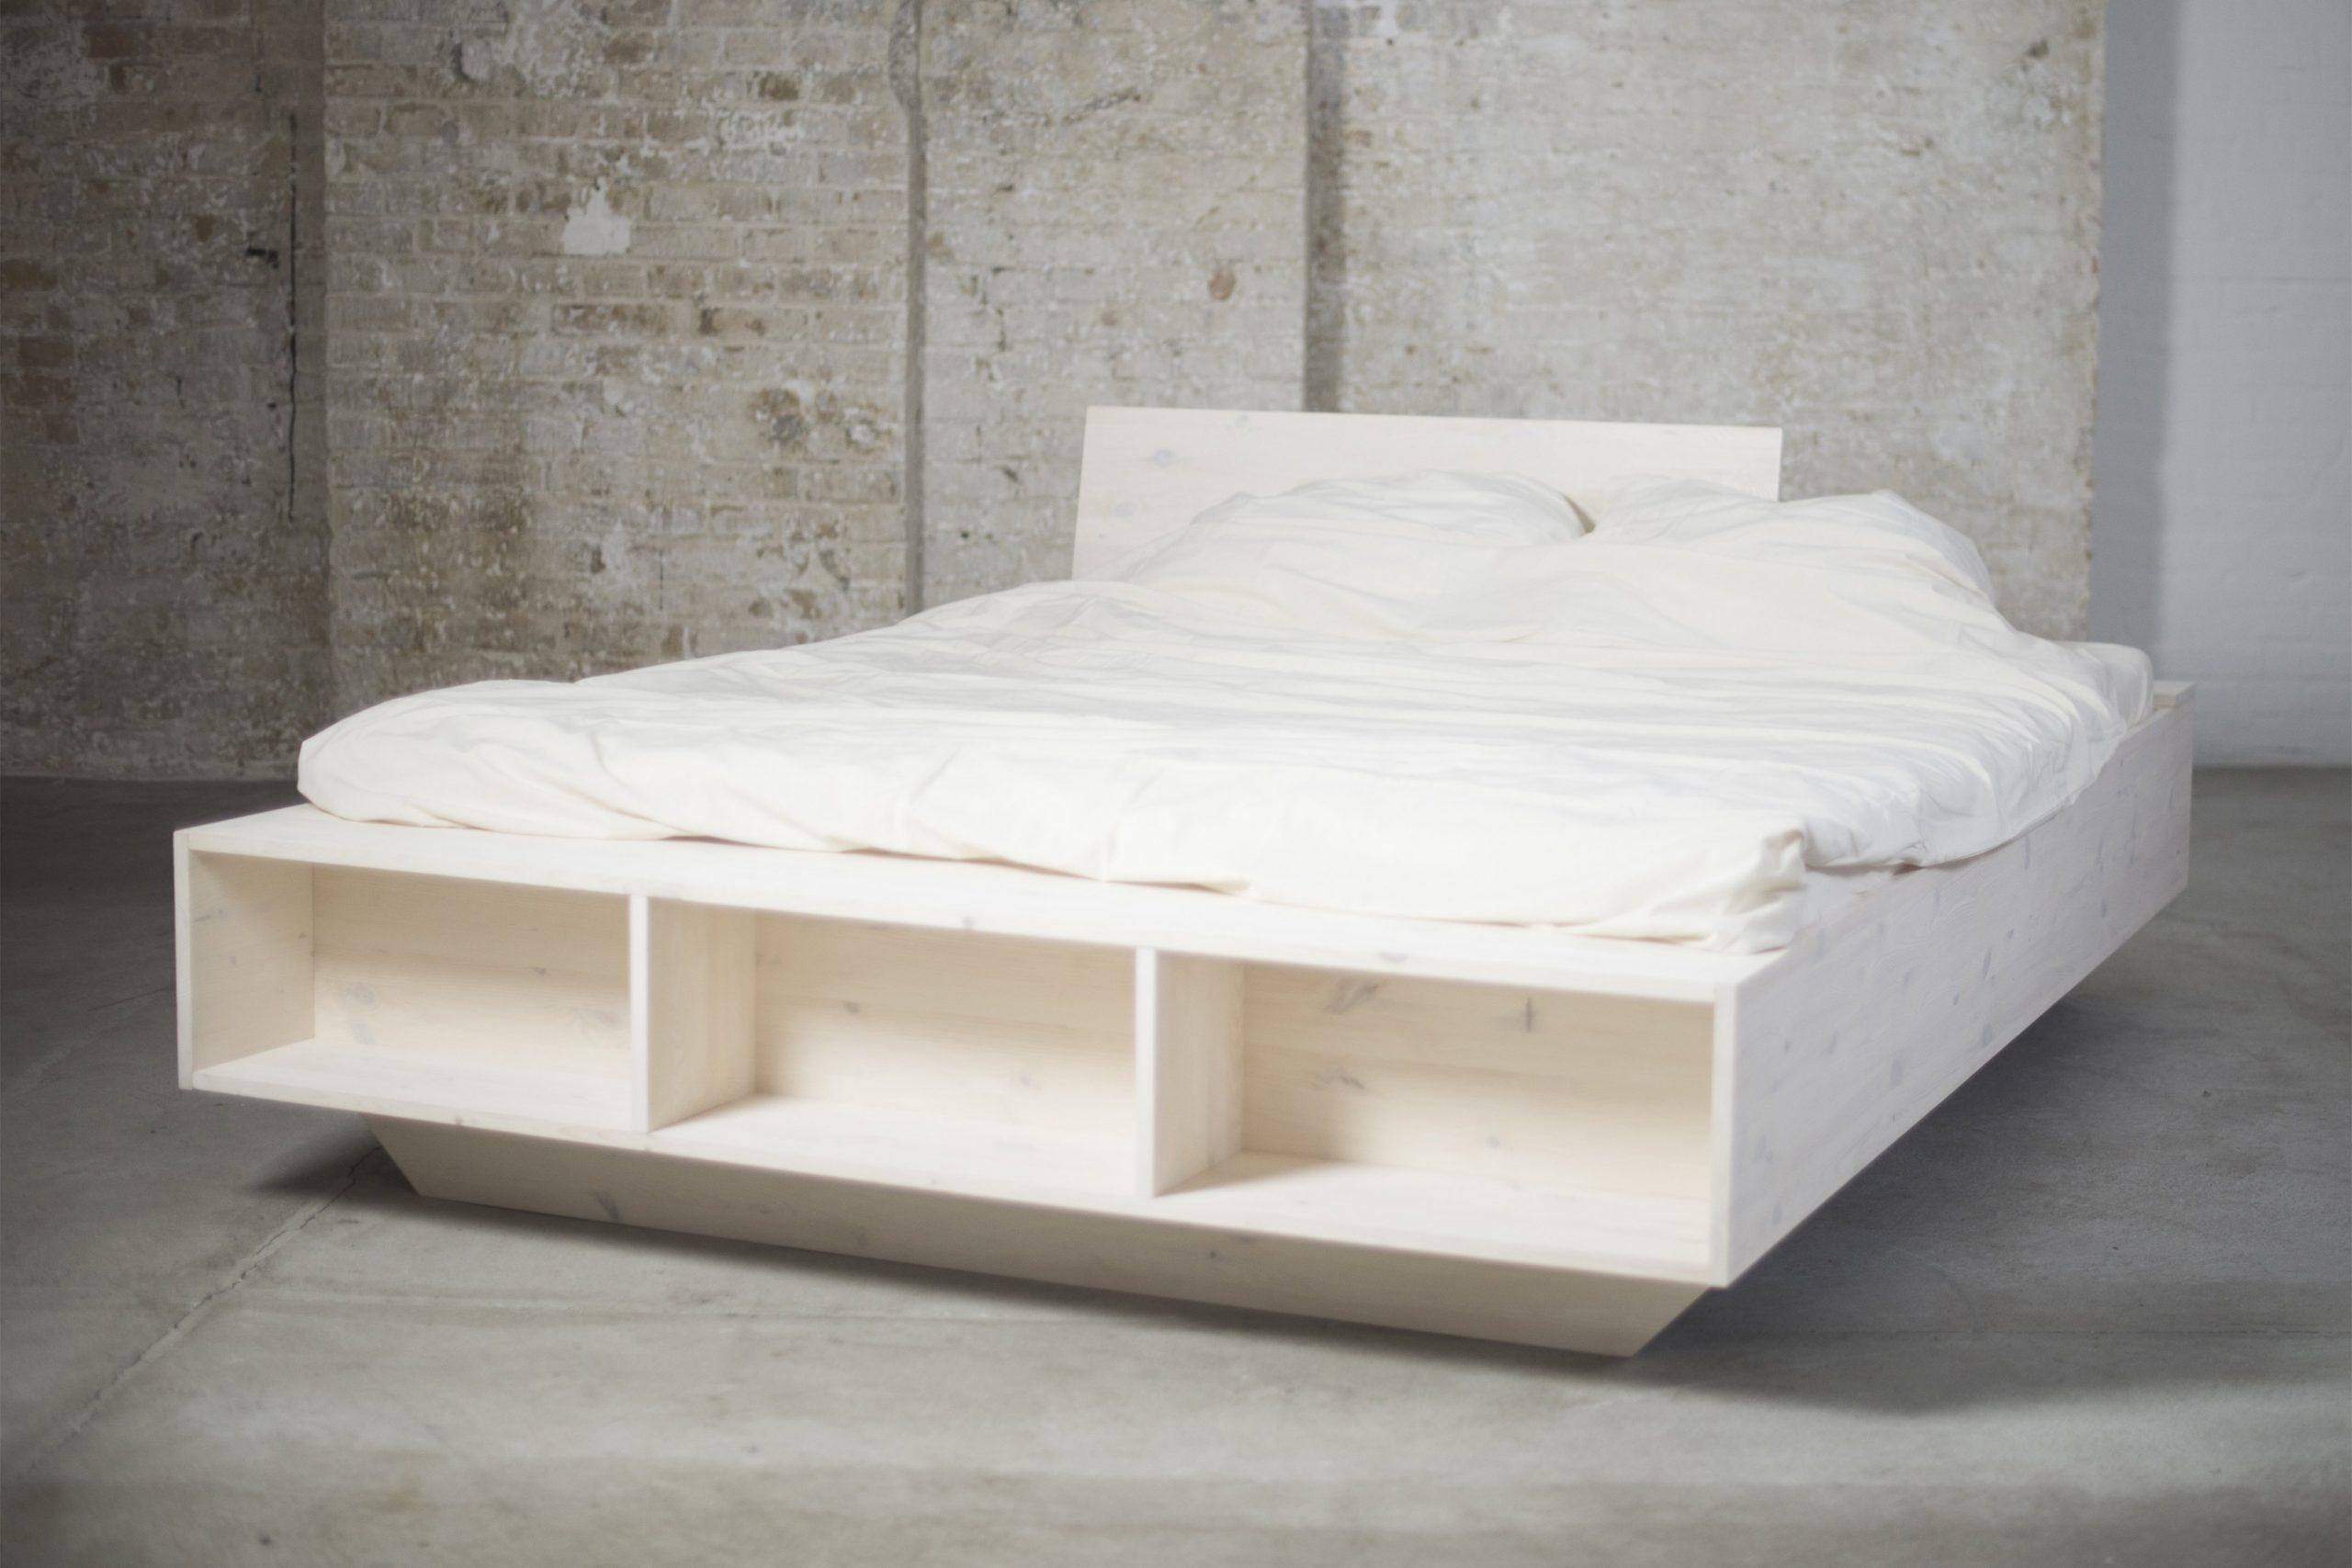 Full Size of Günstige Betten 180x200 Design Bett Aus Massivholz Mit Stil Und Stauraum Düsseldorf Jabo Regale Köln Bettkasten 200x220 überlänge 200x200 Schlafzimmer Bett Günstige Betten 180x200